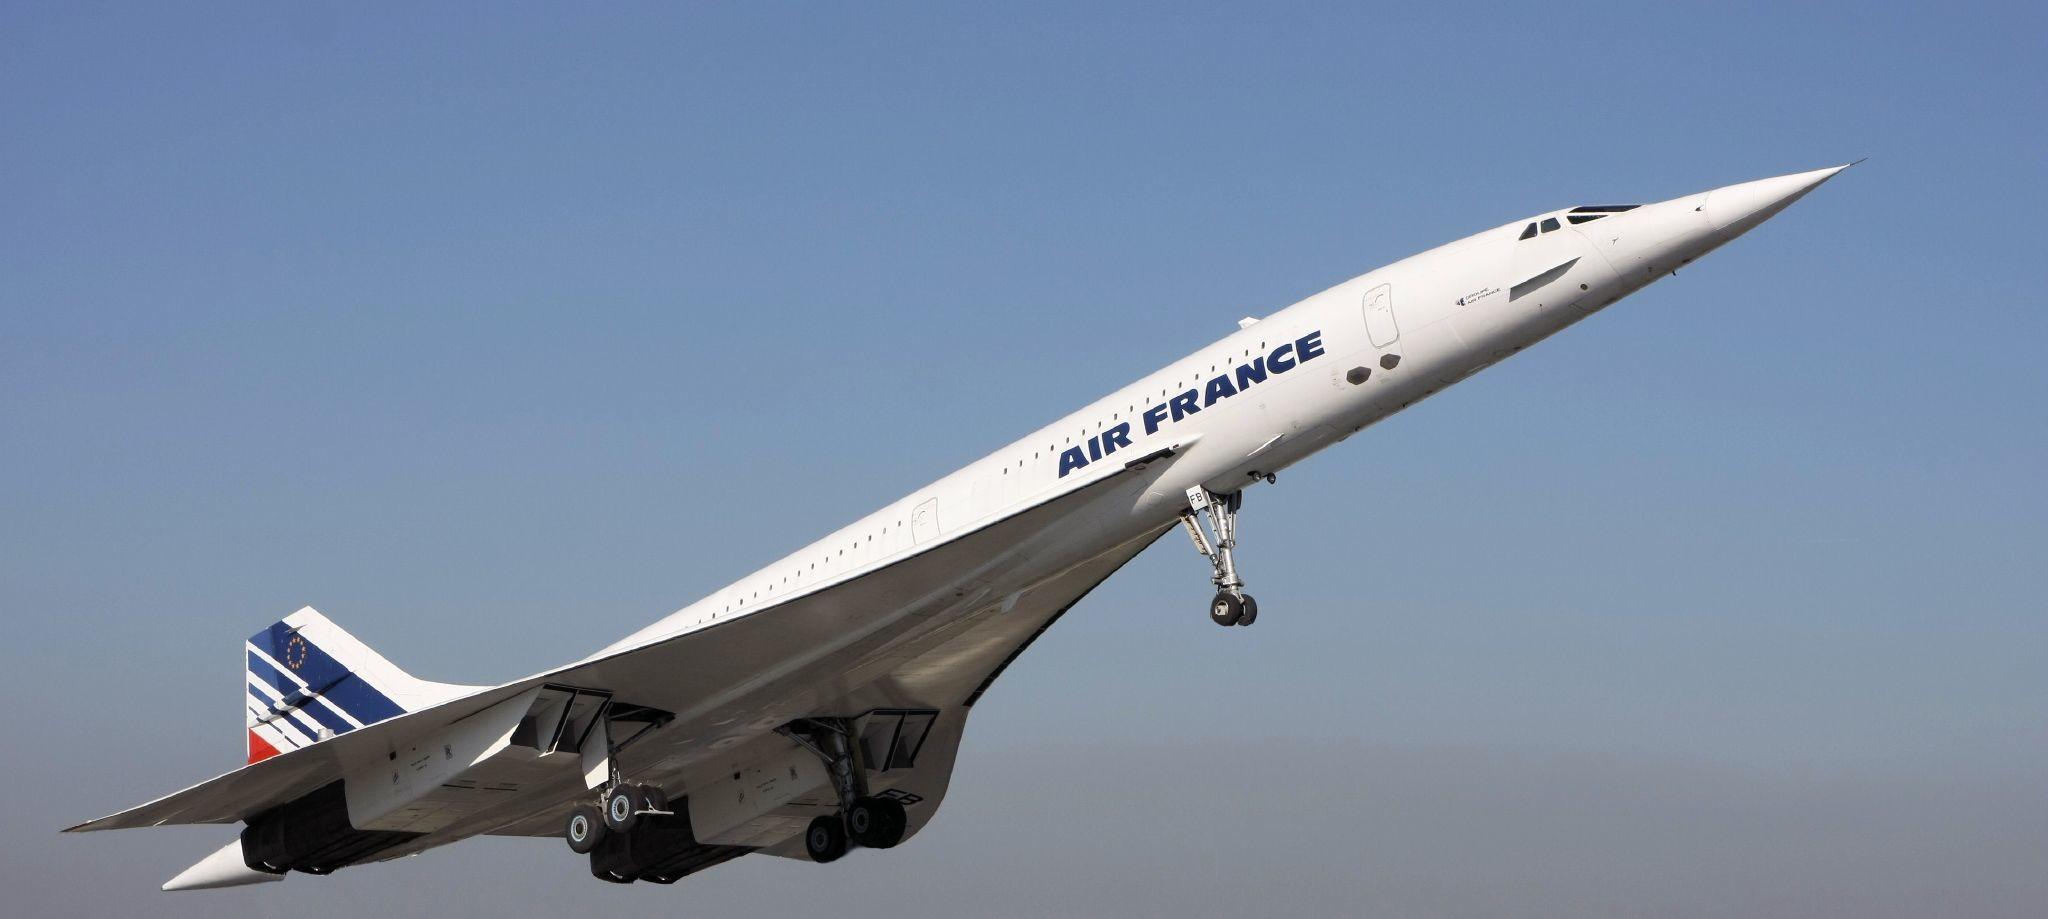 Сверхзвуковой самолёт Concorde. Фото © Flickr/astrohans